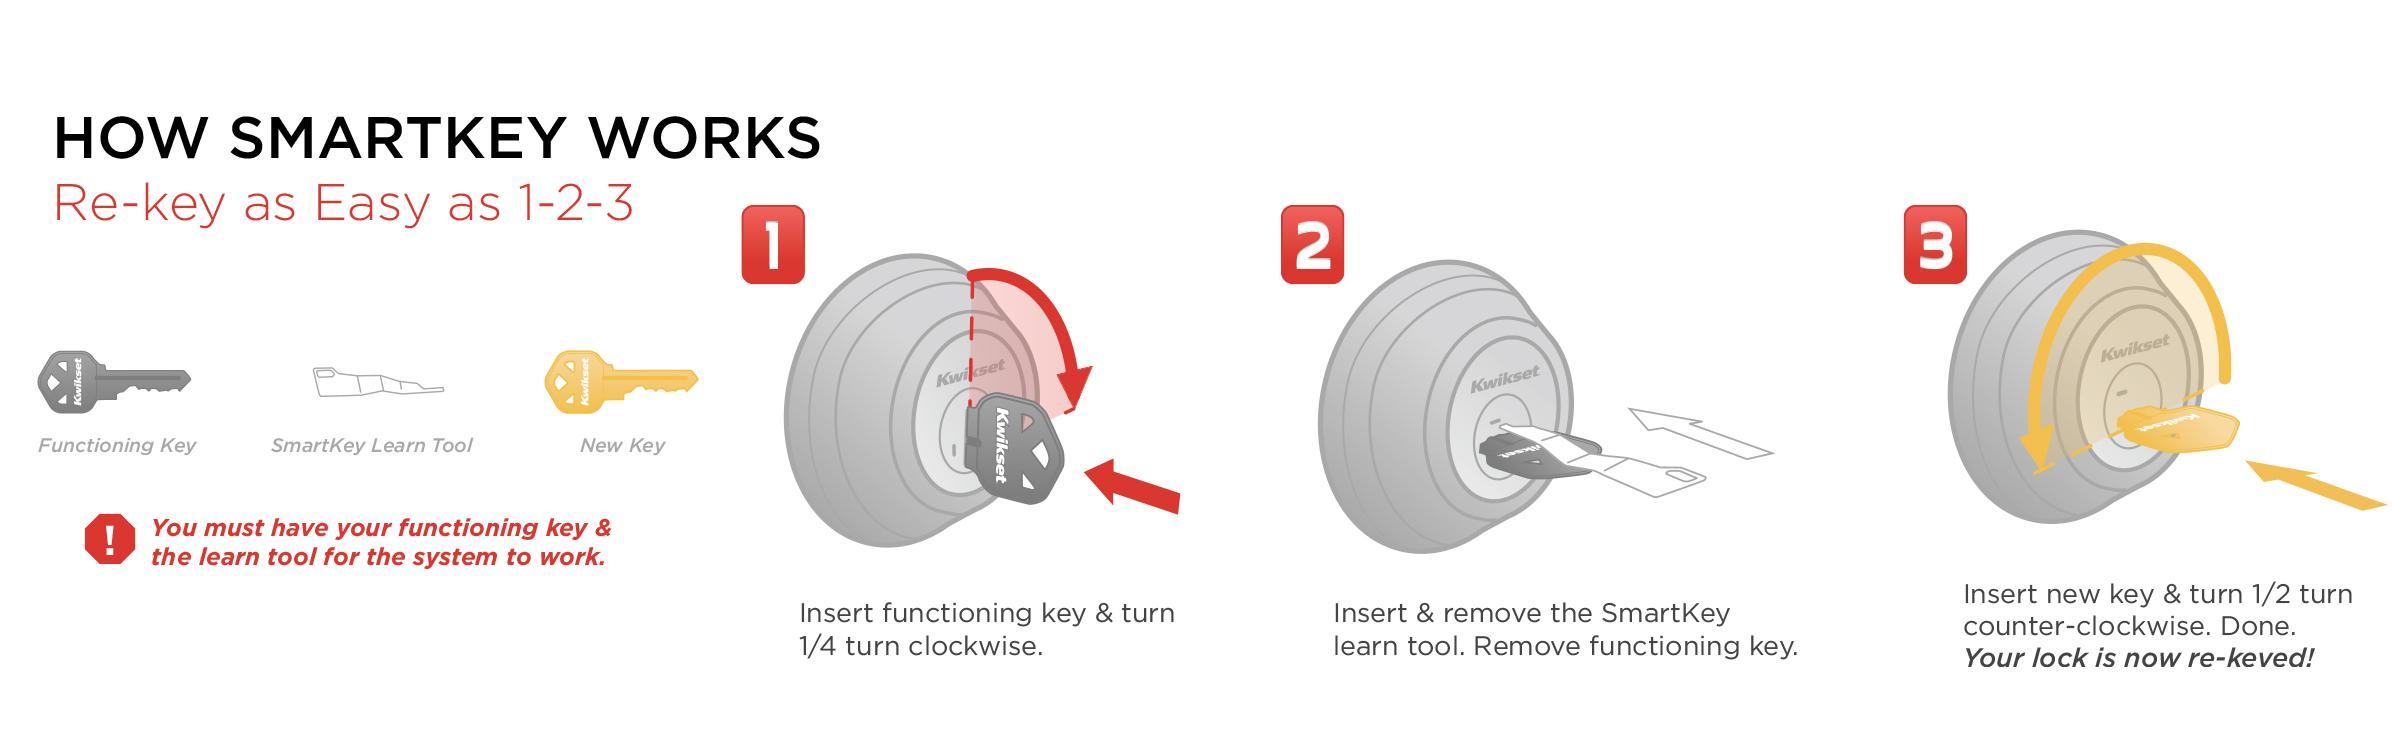 kwikset deadbolt installation instructions